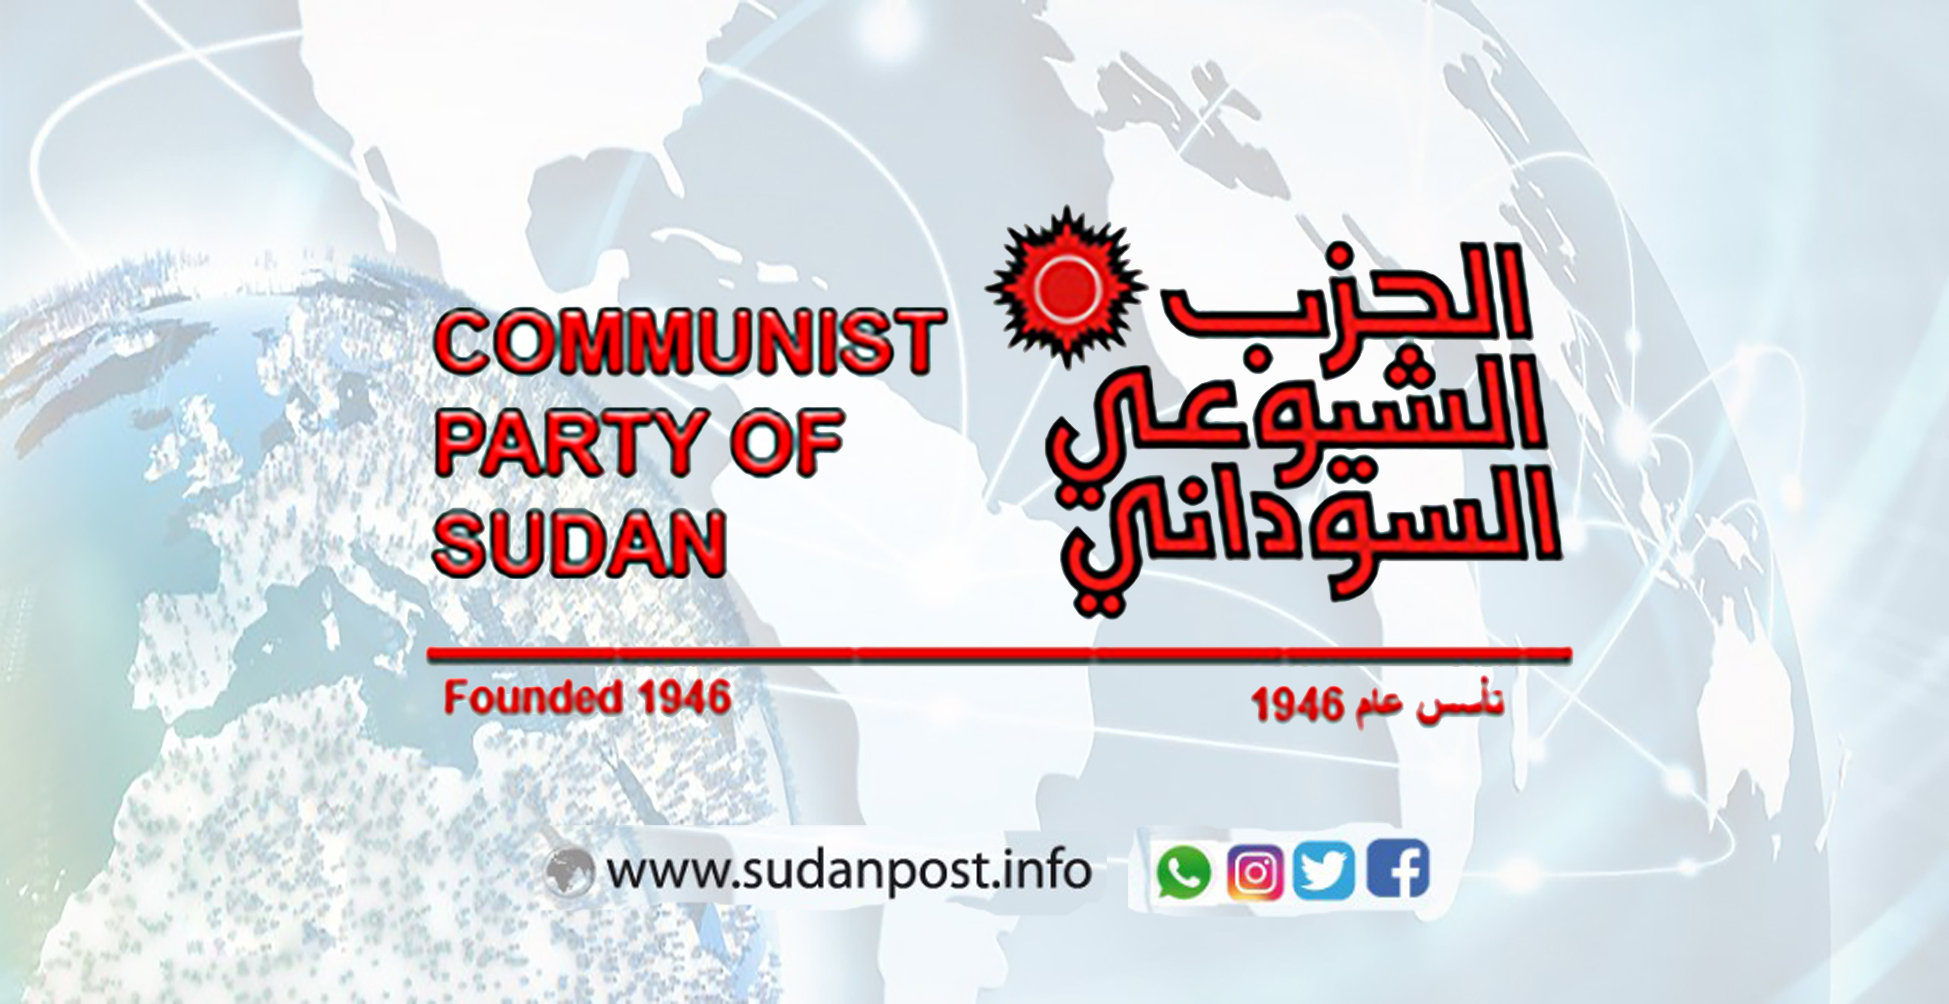 انسحاب الحزب الشيوعي: ايهما